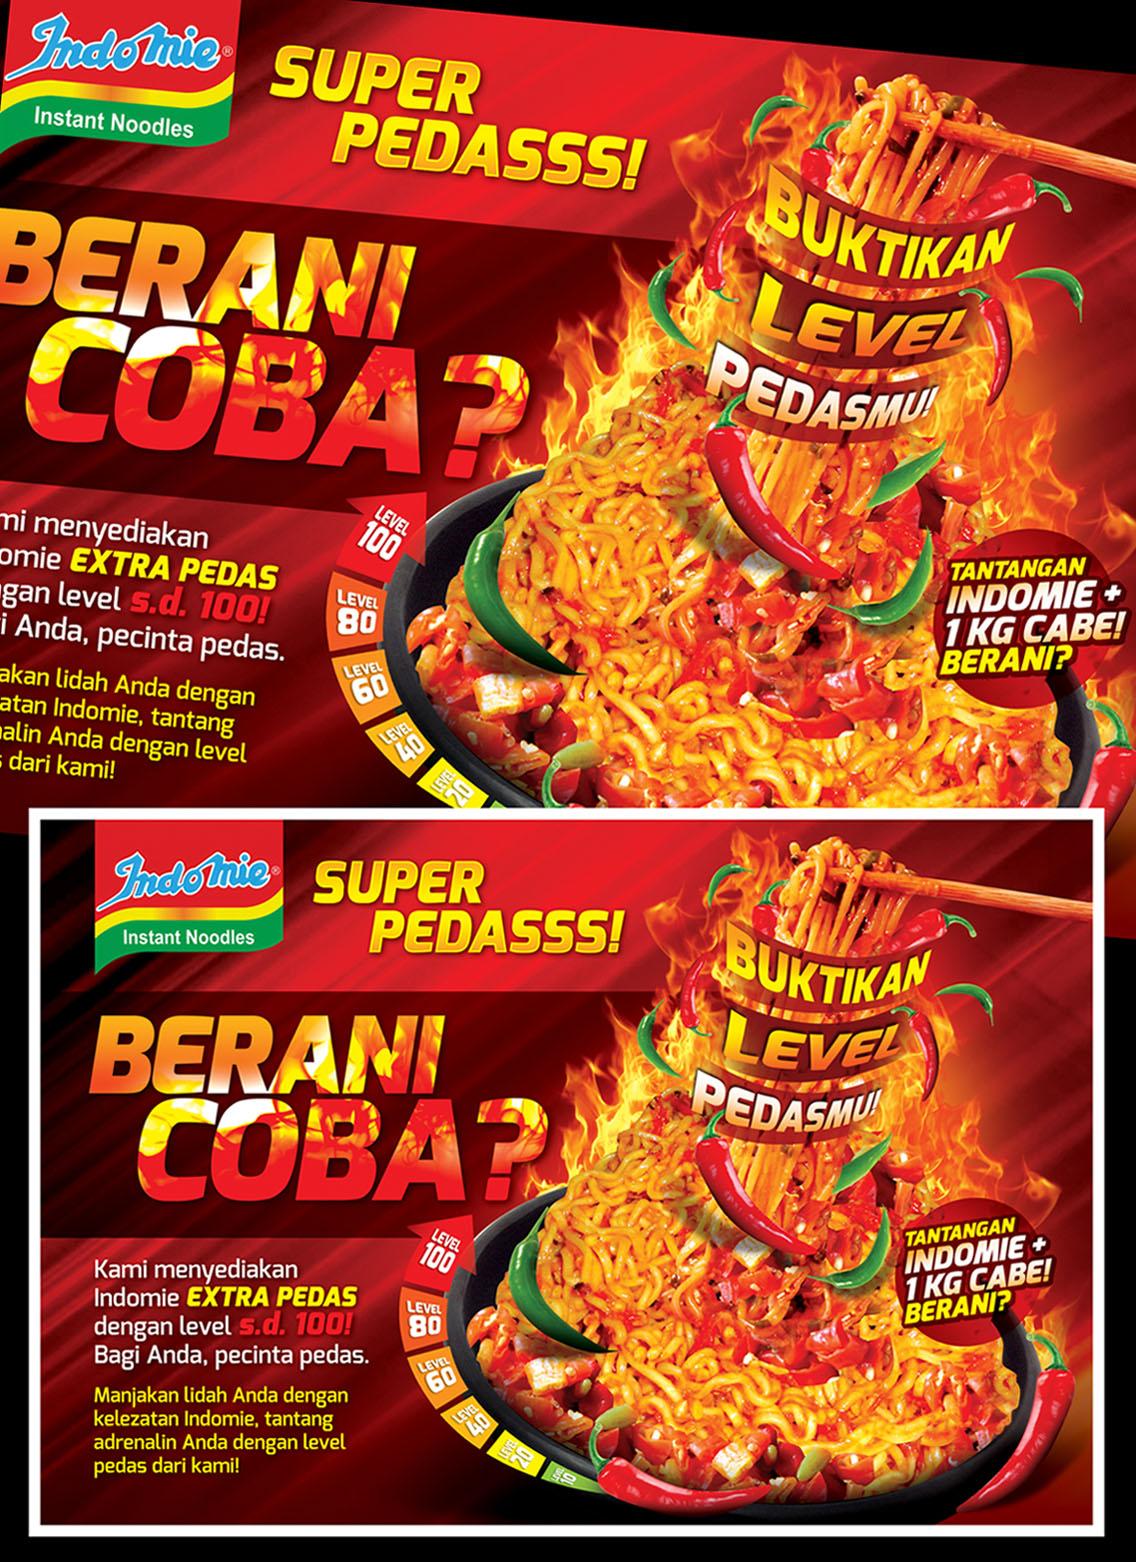 jasa desain poster untuk indomie super pedas